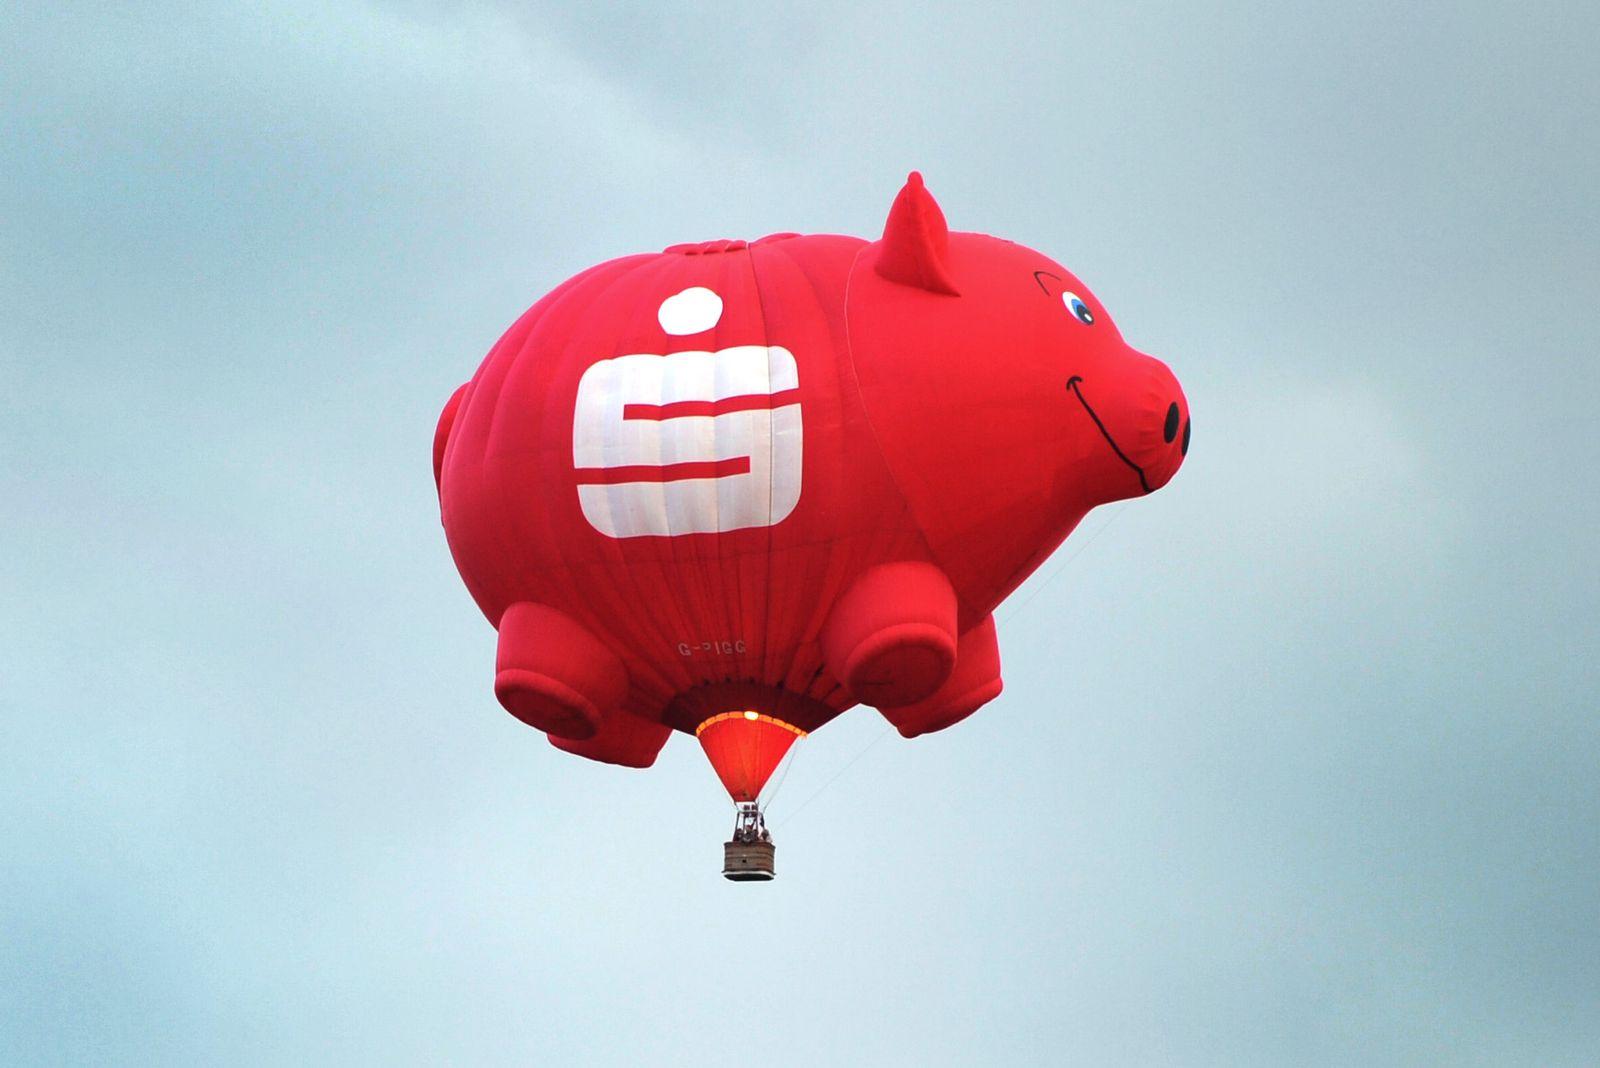 Sparkasse / Bank